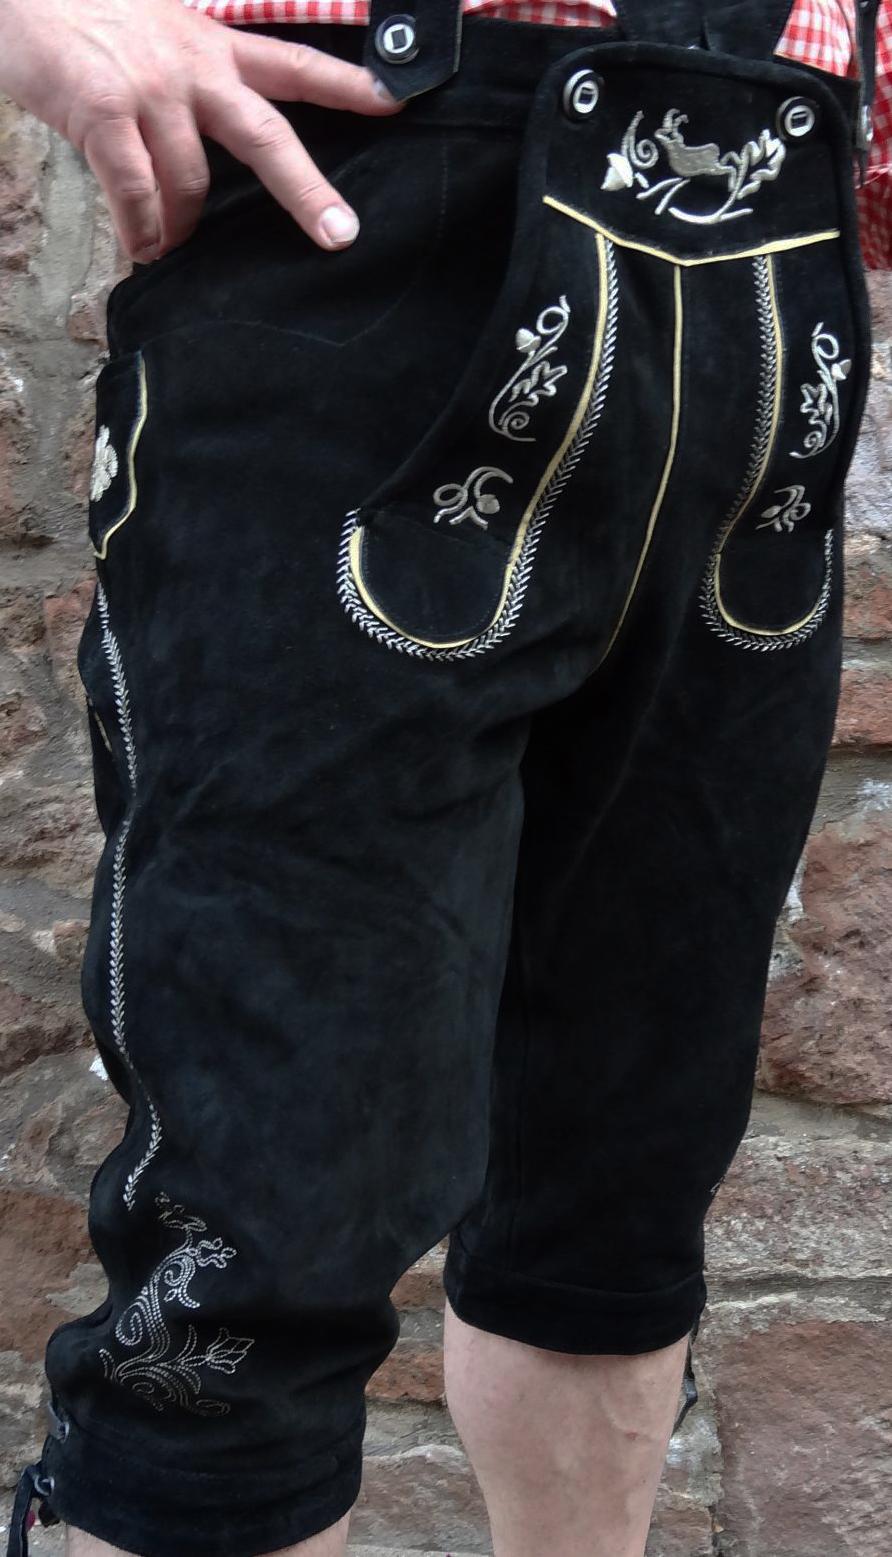 Bangla Herren Trachten Lederhose Kniebund schwarz Grösse 48 - 68 NEU